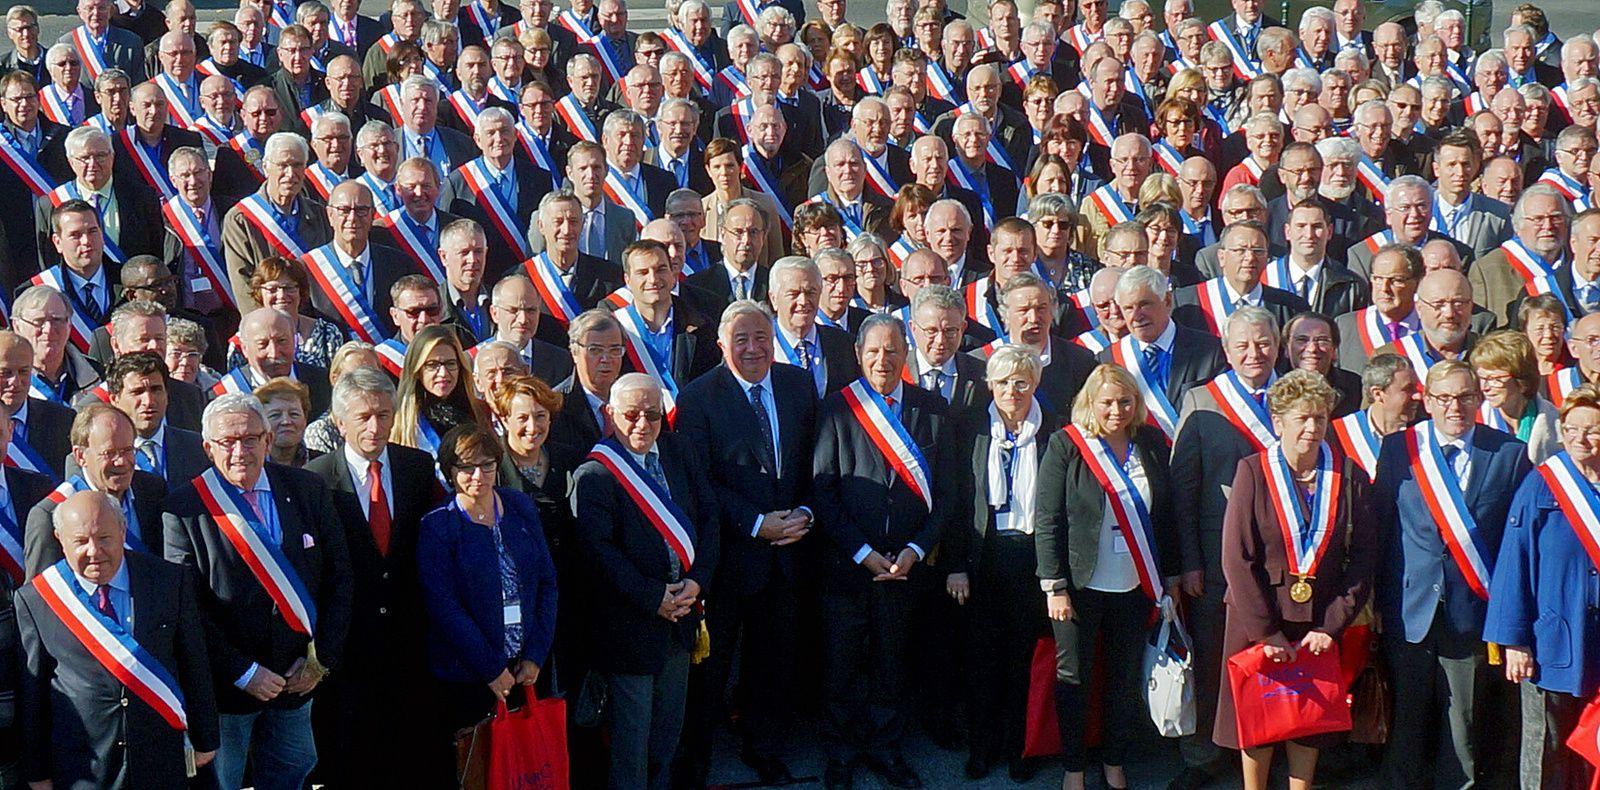 L'assemblée générale de l'Union Amicale des Maires du Calvados (UAMC) réunis à Caen autour du Président du Sénat, Gérard Larcher. 26 octobre 2015